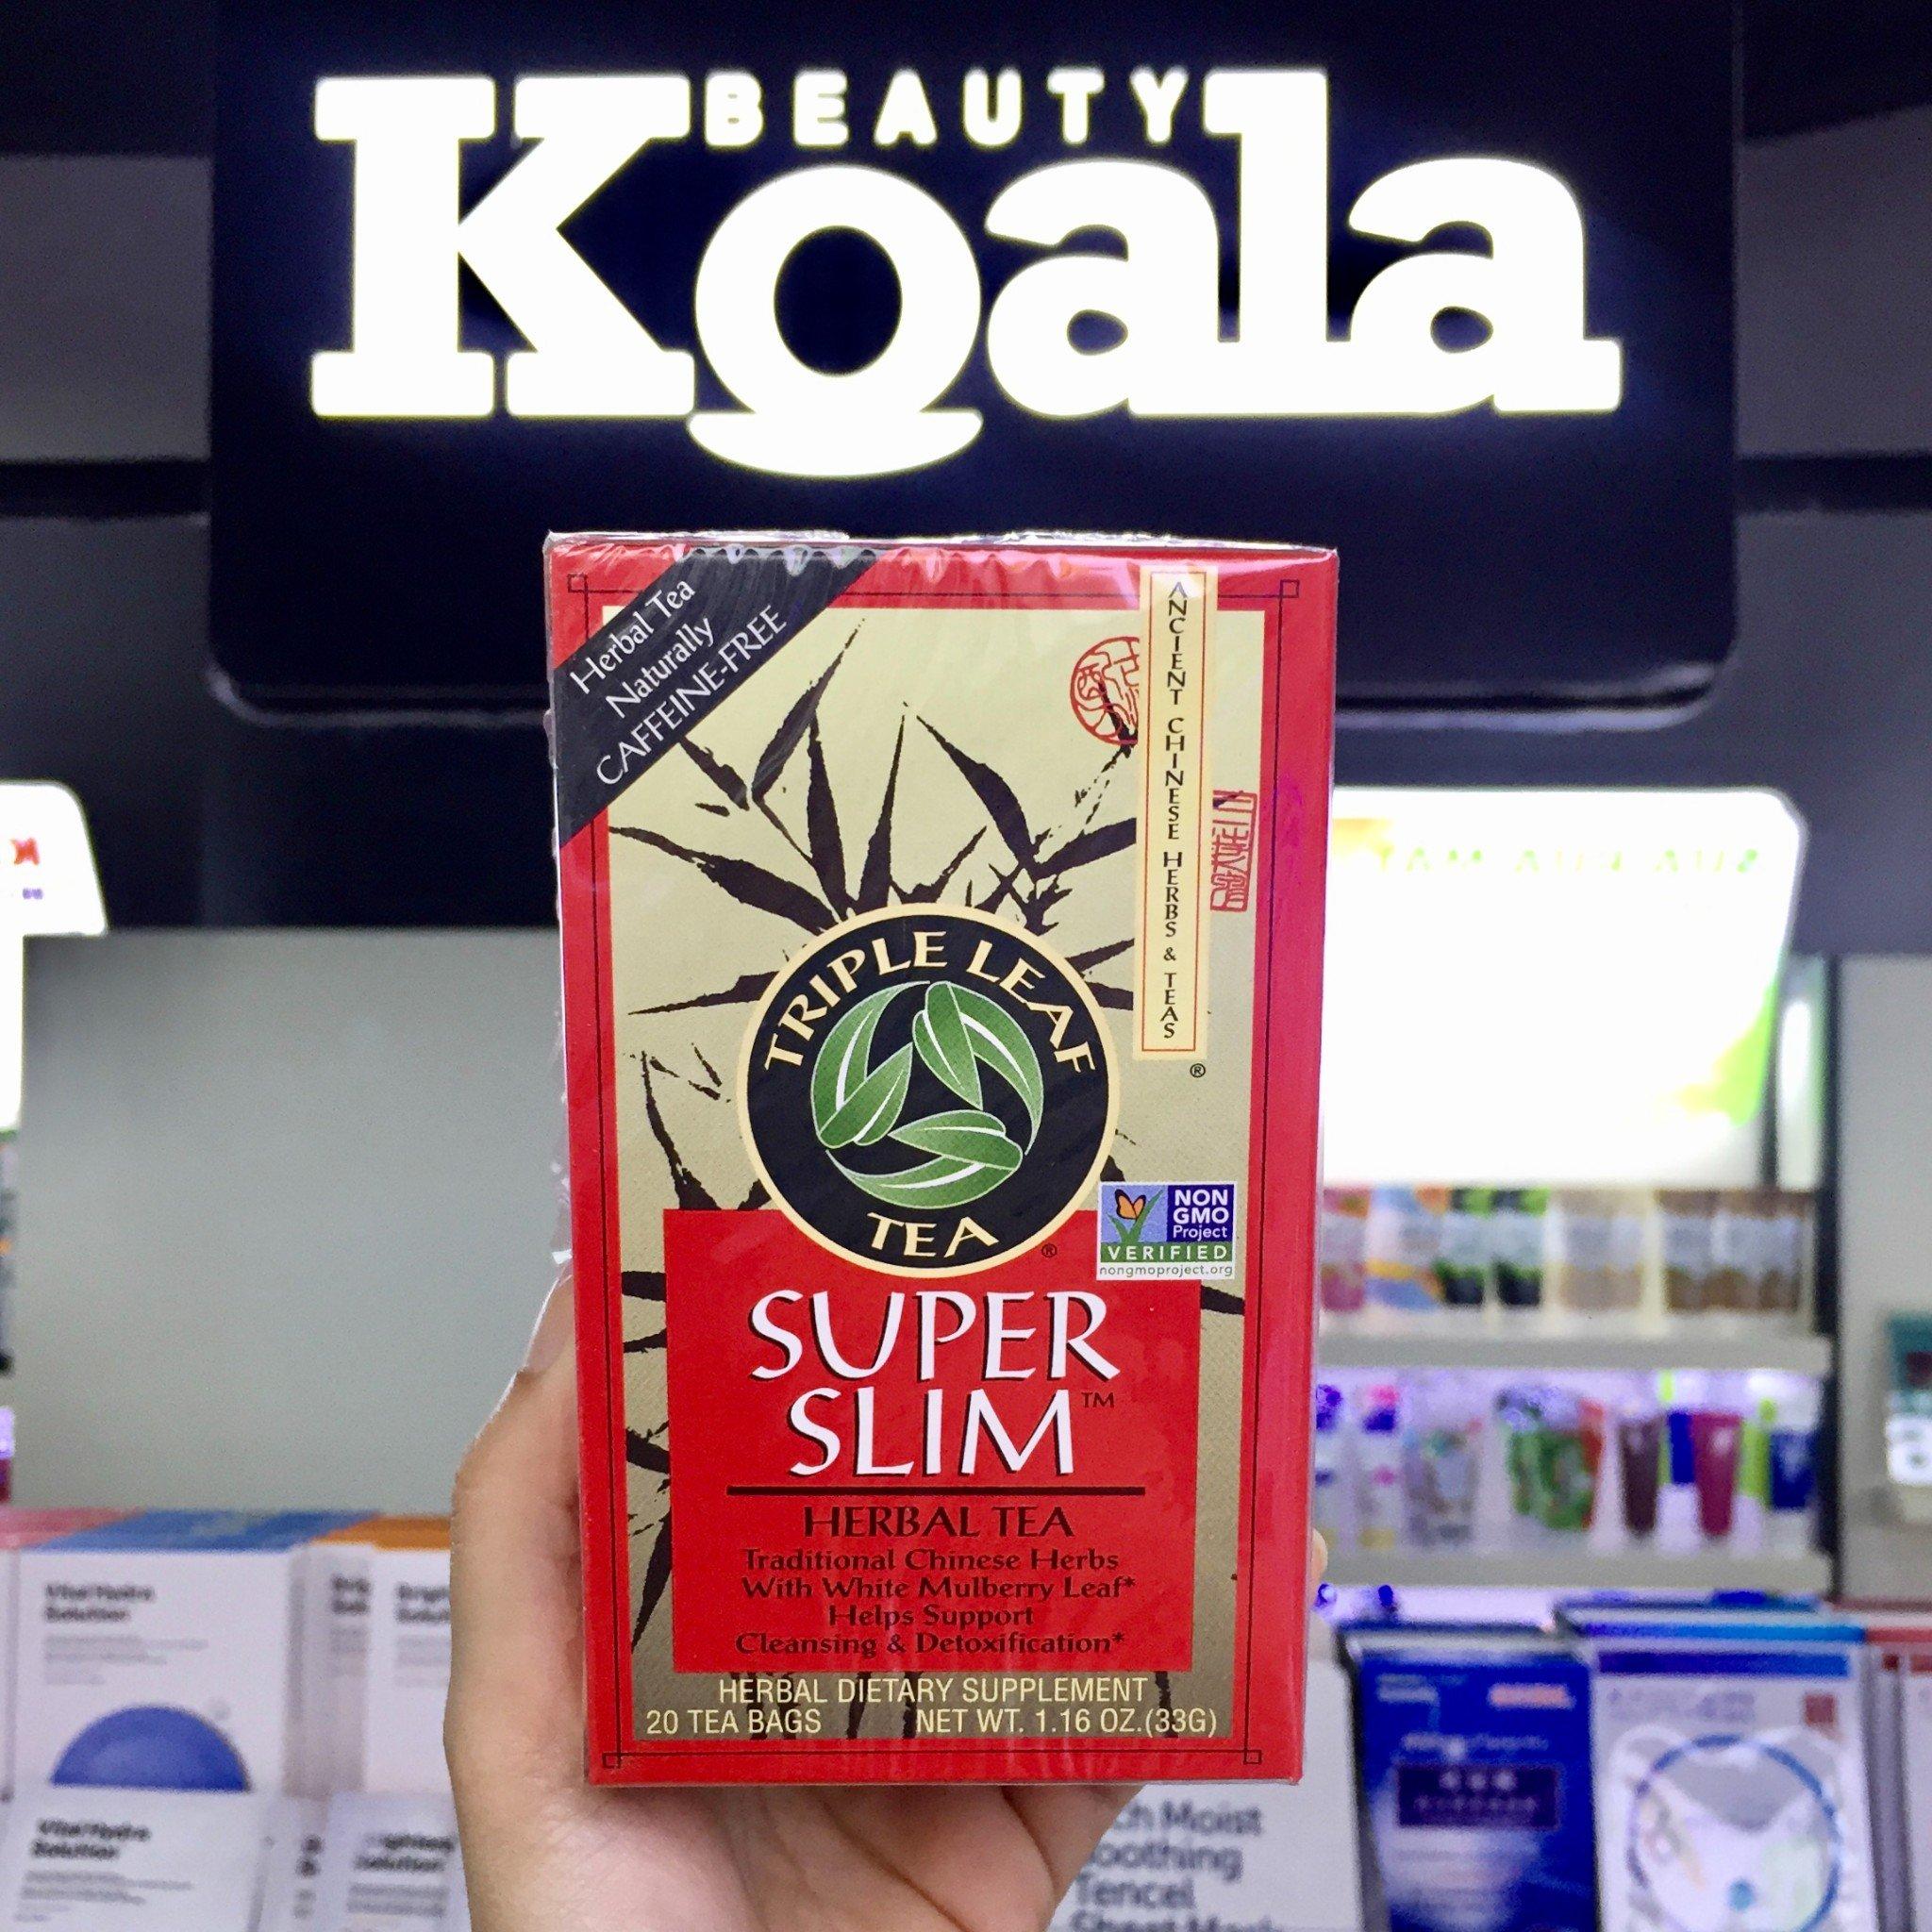 Trà Giảm Cân Triple Leaf Tea Super Slimming